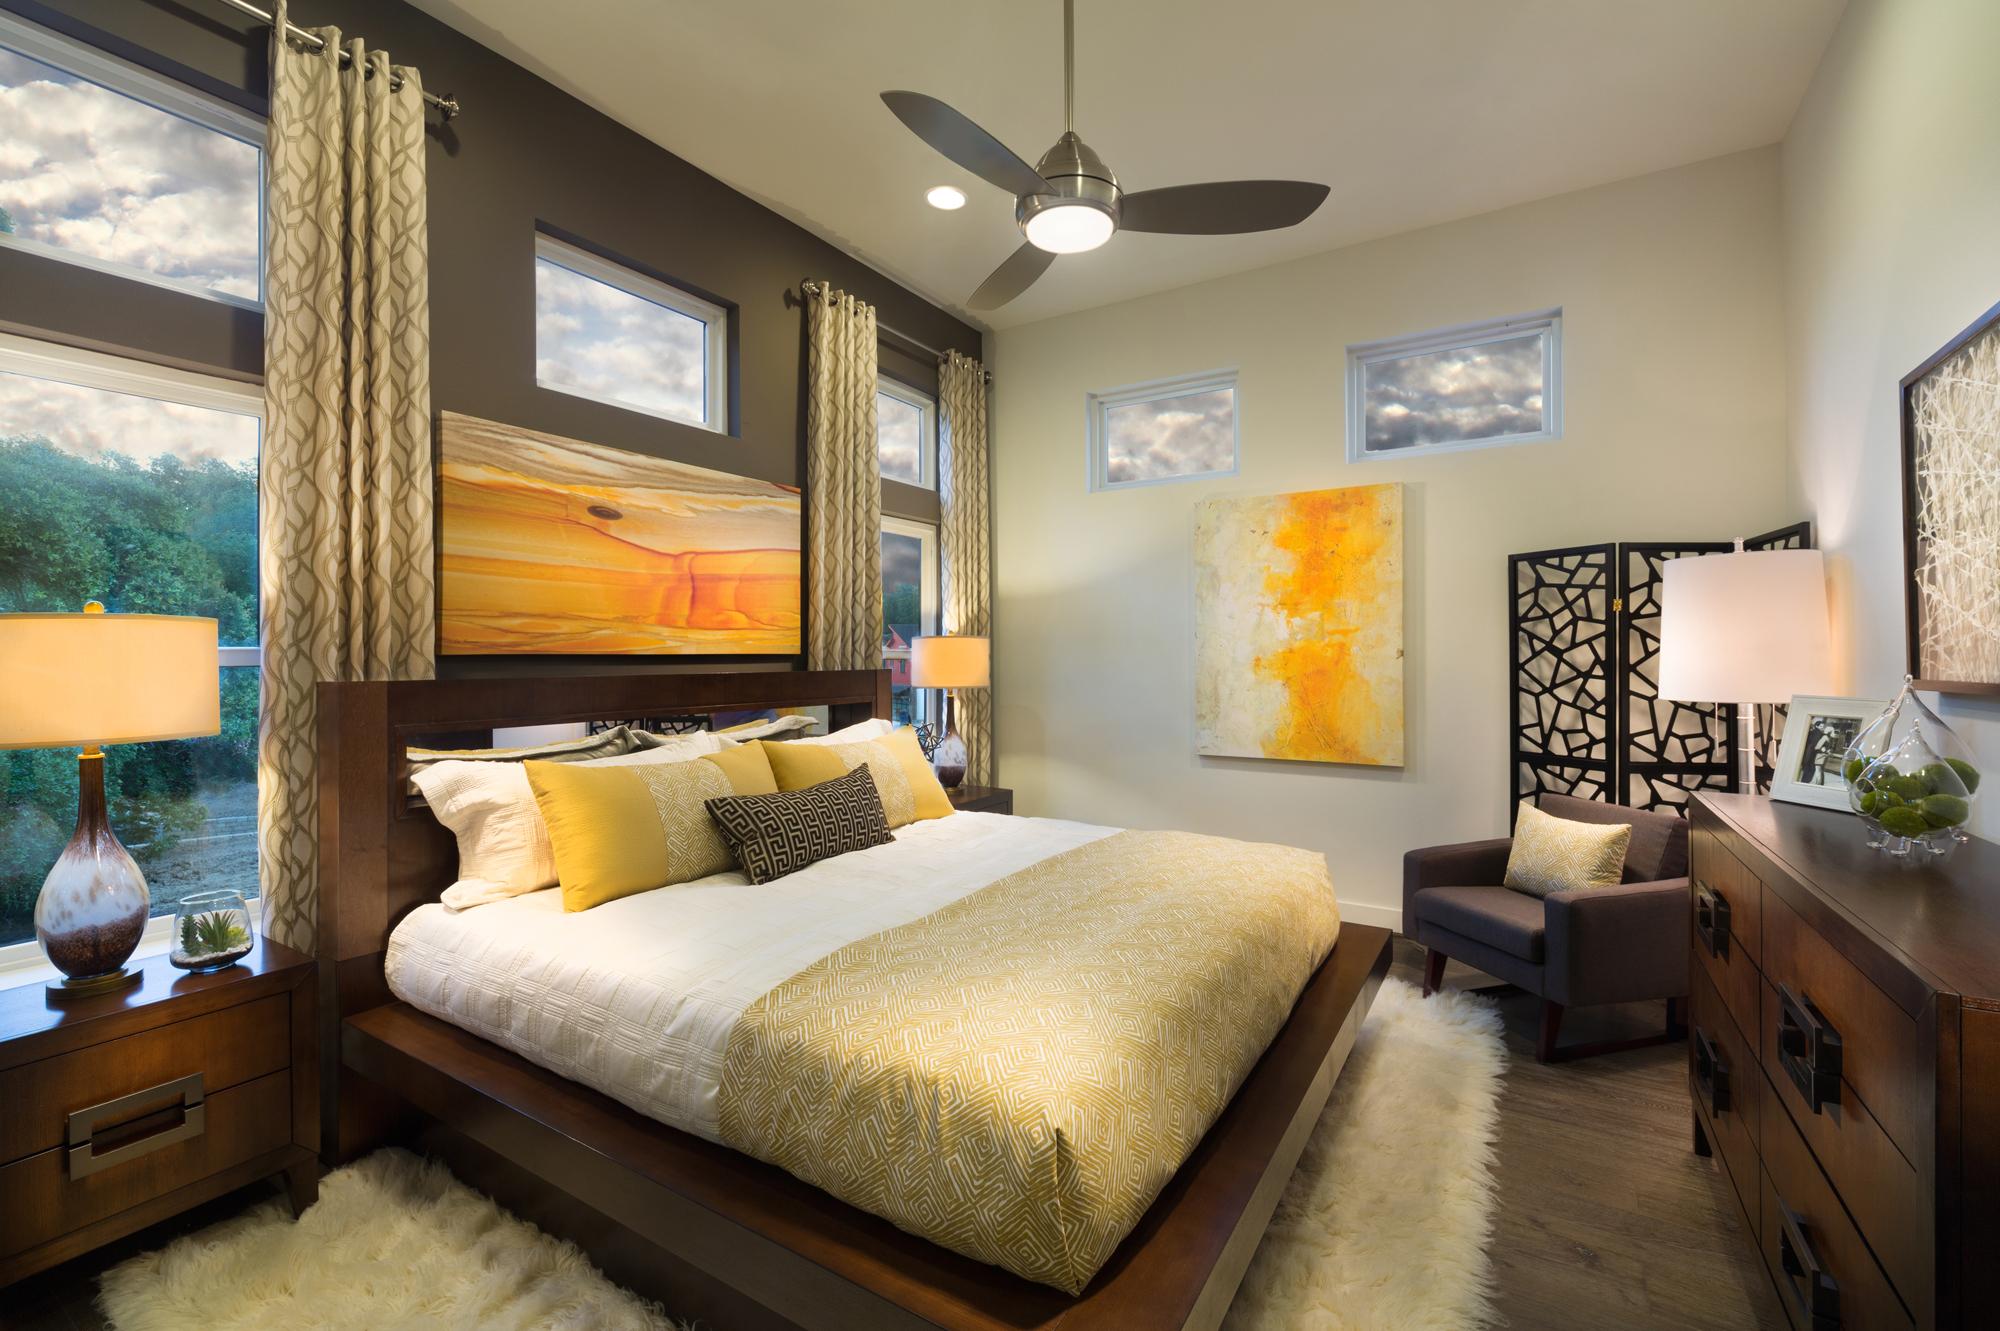 residential-interior-photographer-houston.jpg